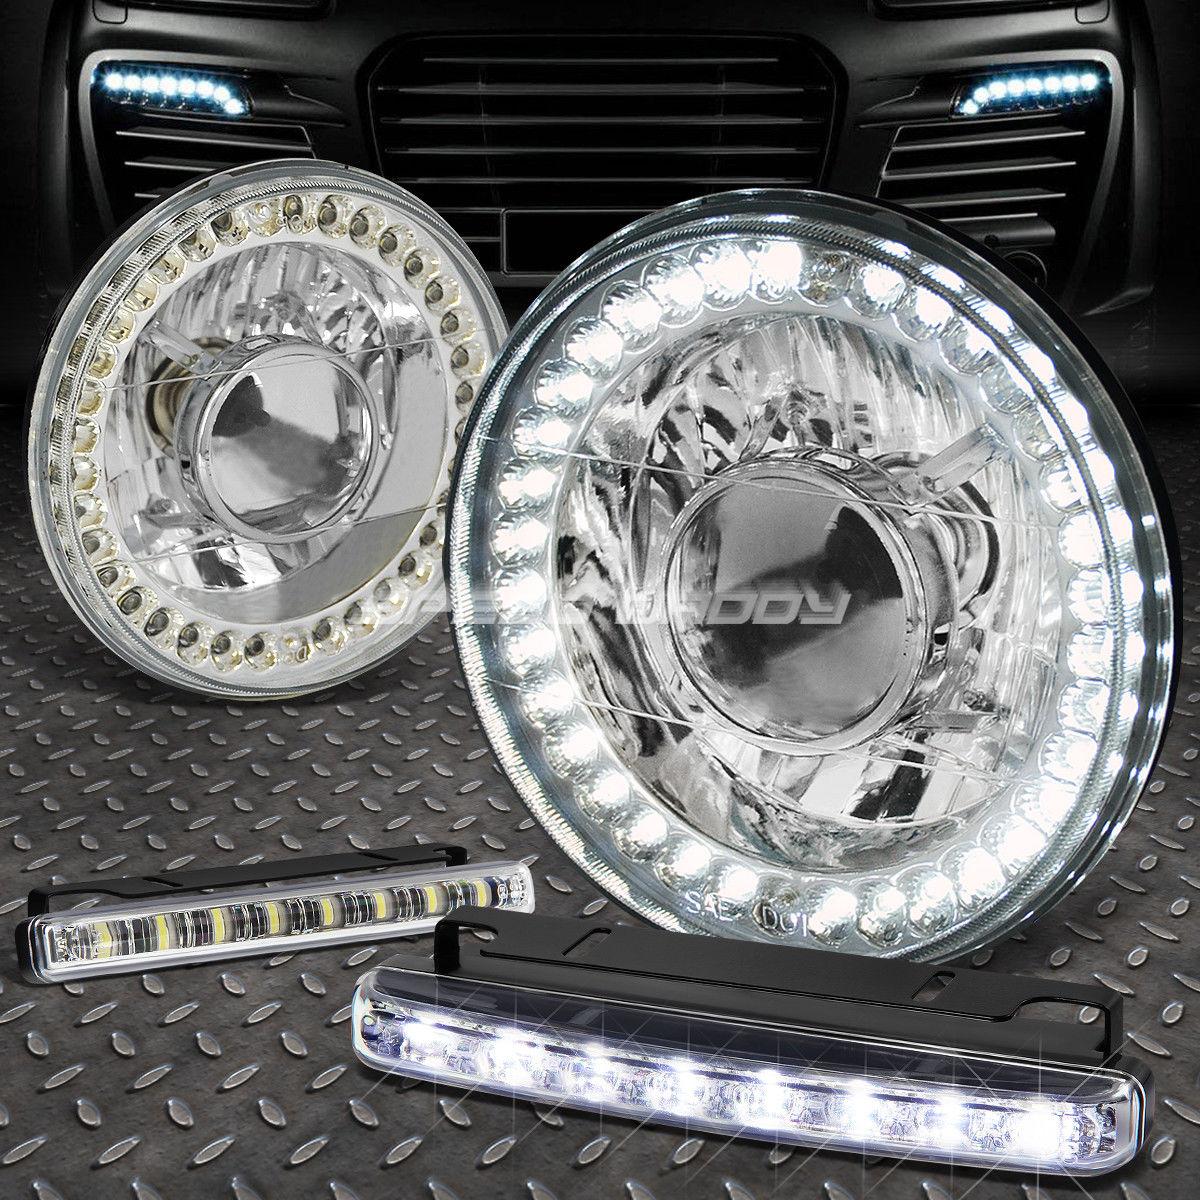 フォグライト 7x7 ROUND CHROME PROJECTOR LED HEADLIGHT+8 LED GRILL FOG LIGHT FOR CAMARO Z28 7x7 ROUND CHROME PROJECTOR LEDヘッドライト+ 8 LEDグリルフォグライトカマロZ28用